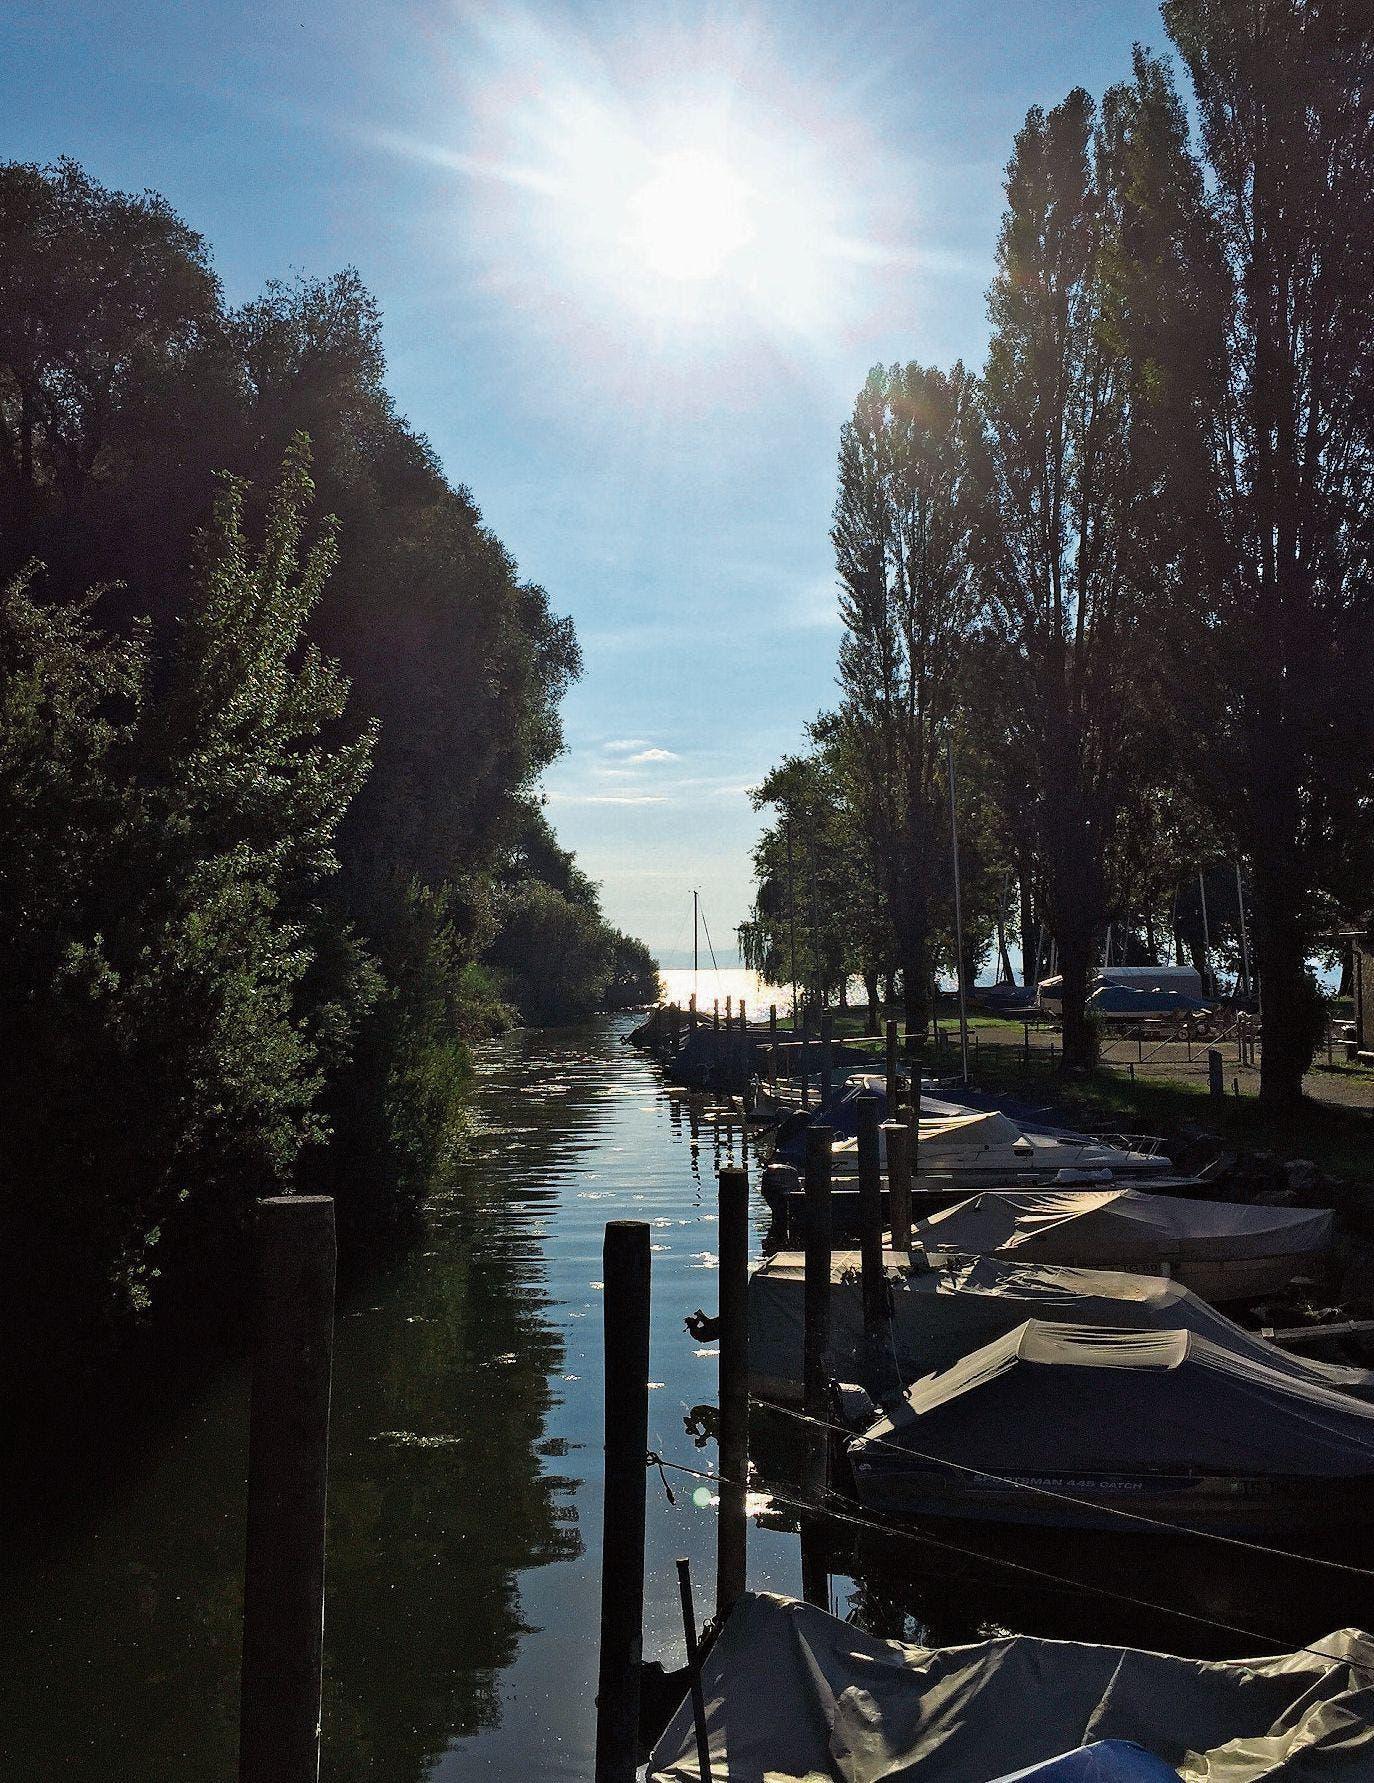 Bichelsee-balterswil meine stadt bekanntschaften flirt tirol kostenlos